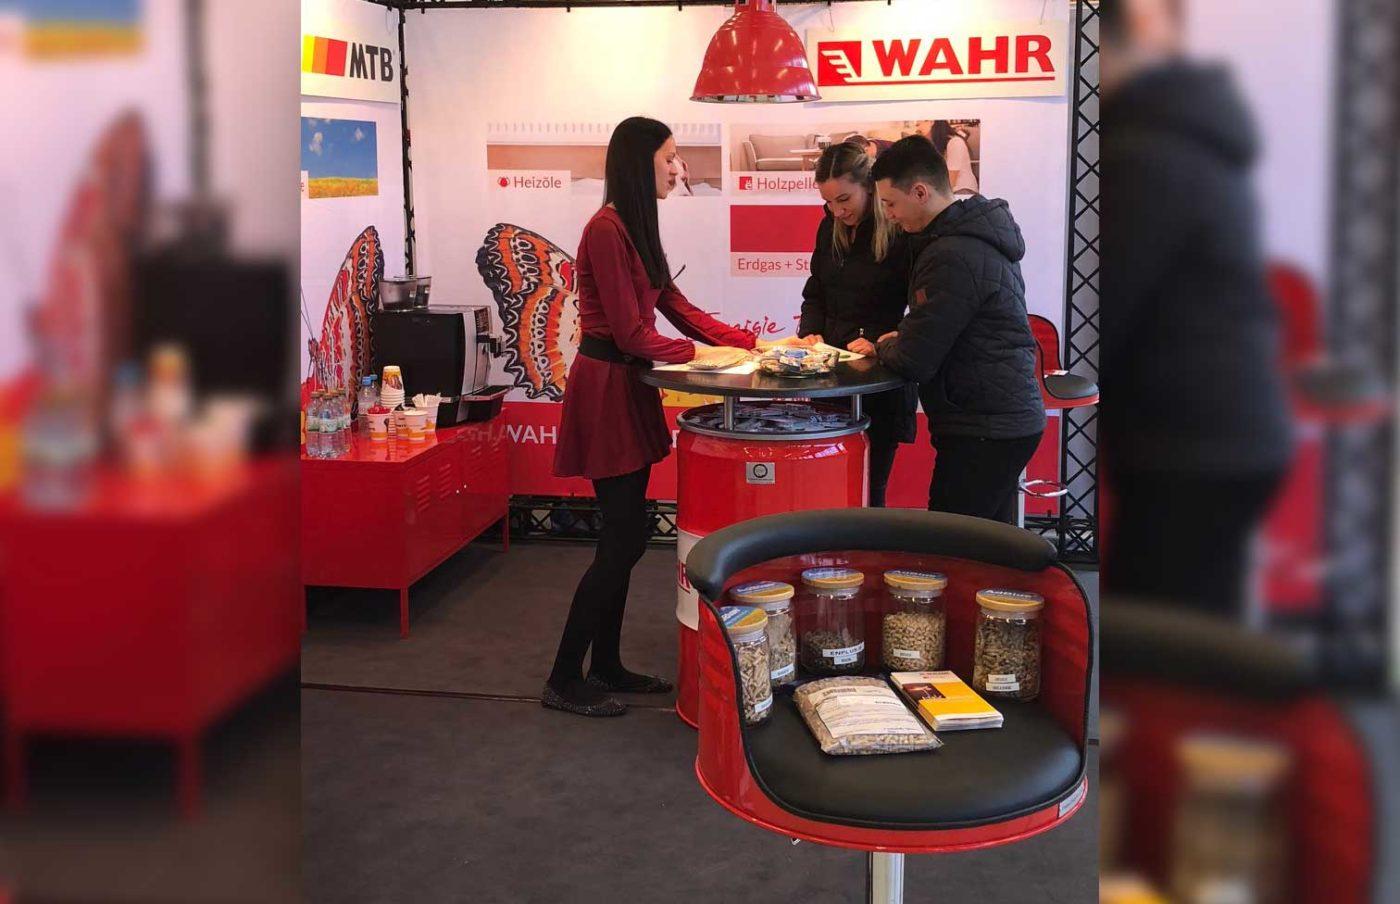 Kundengespräch auf dem Messestand von Fritz Wahr Energie